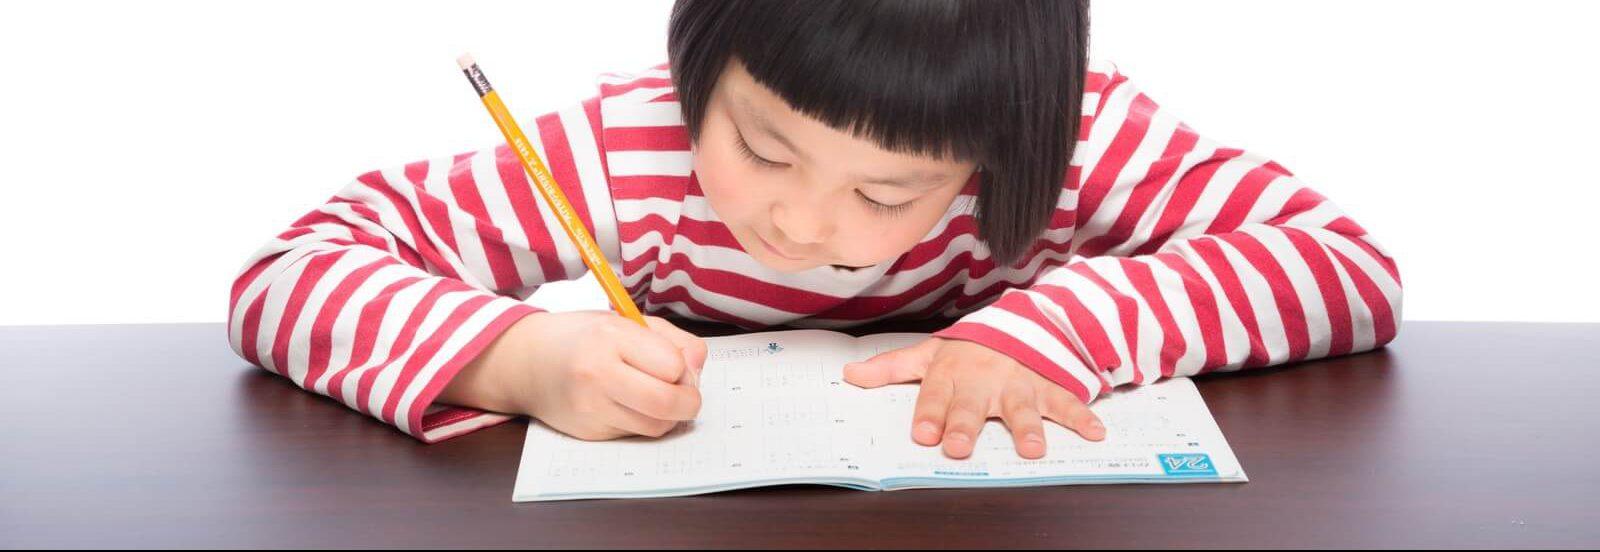 川崎市で子供の姿勢矯正なら、K-style整体院へ!